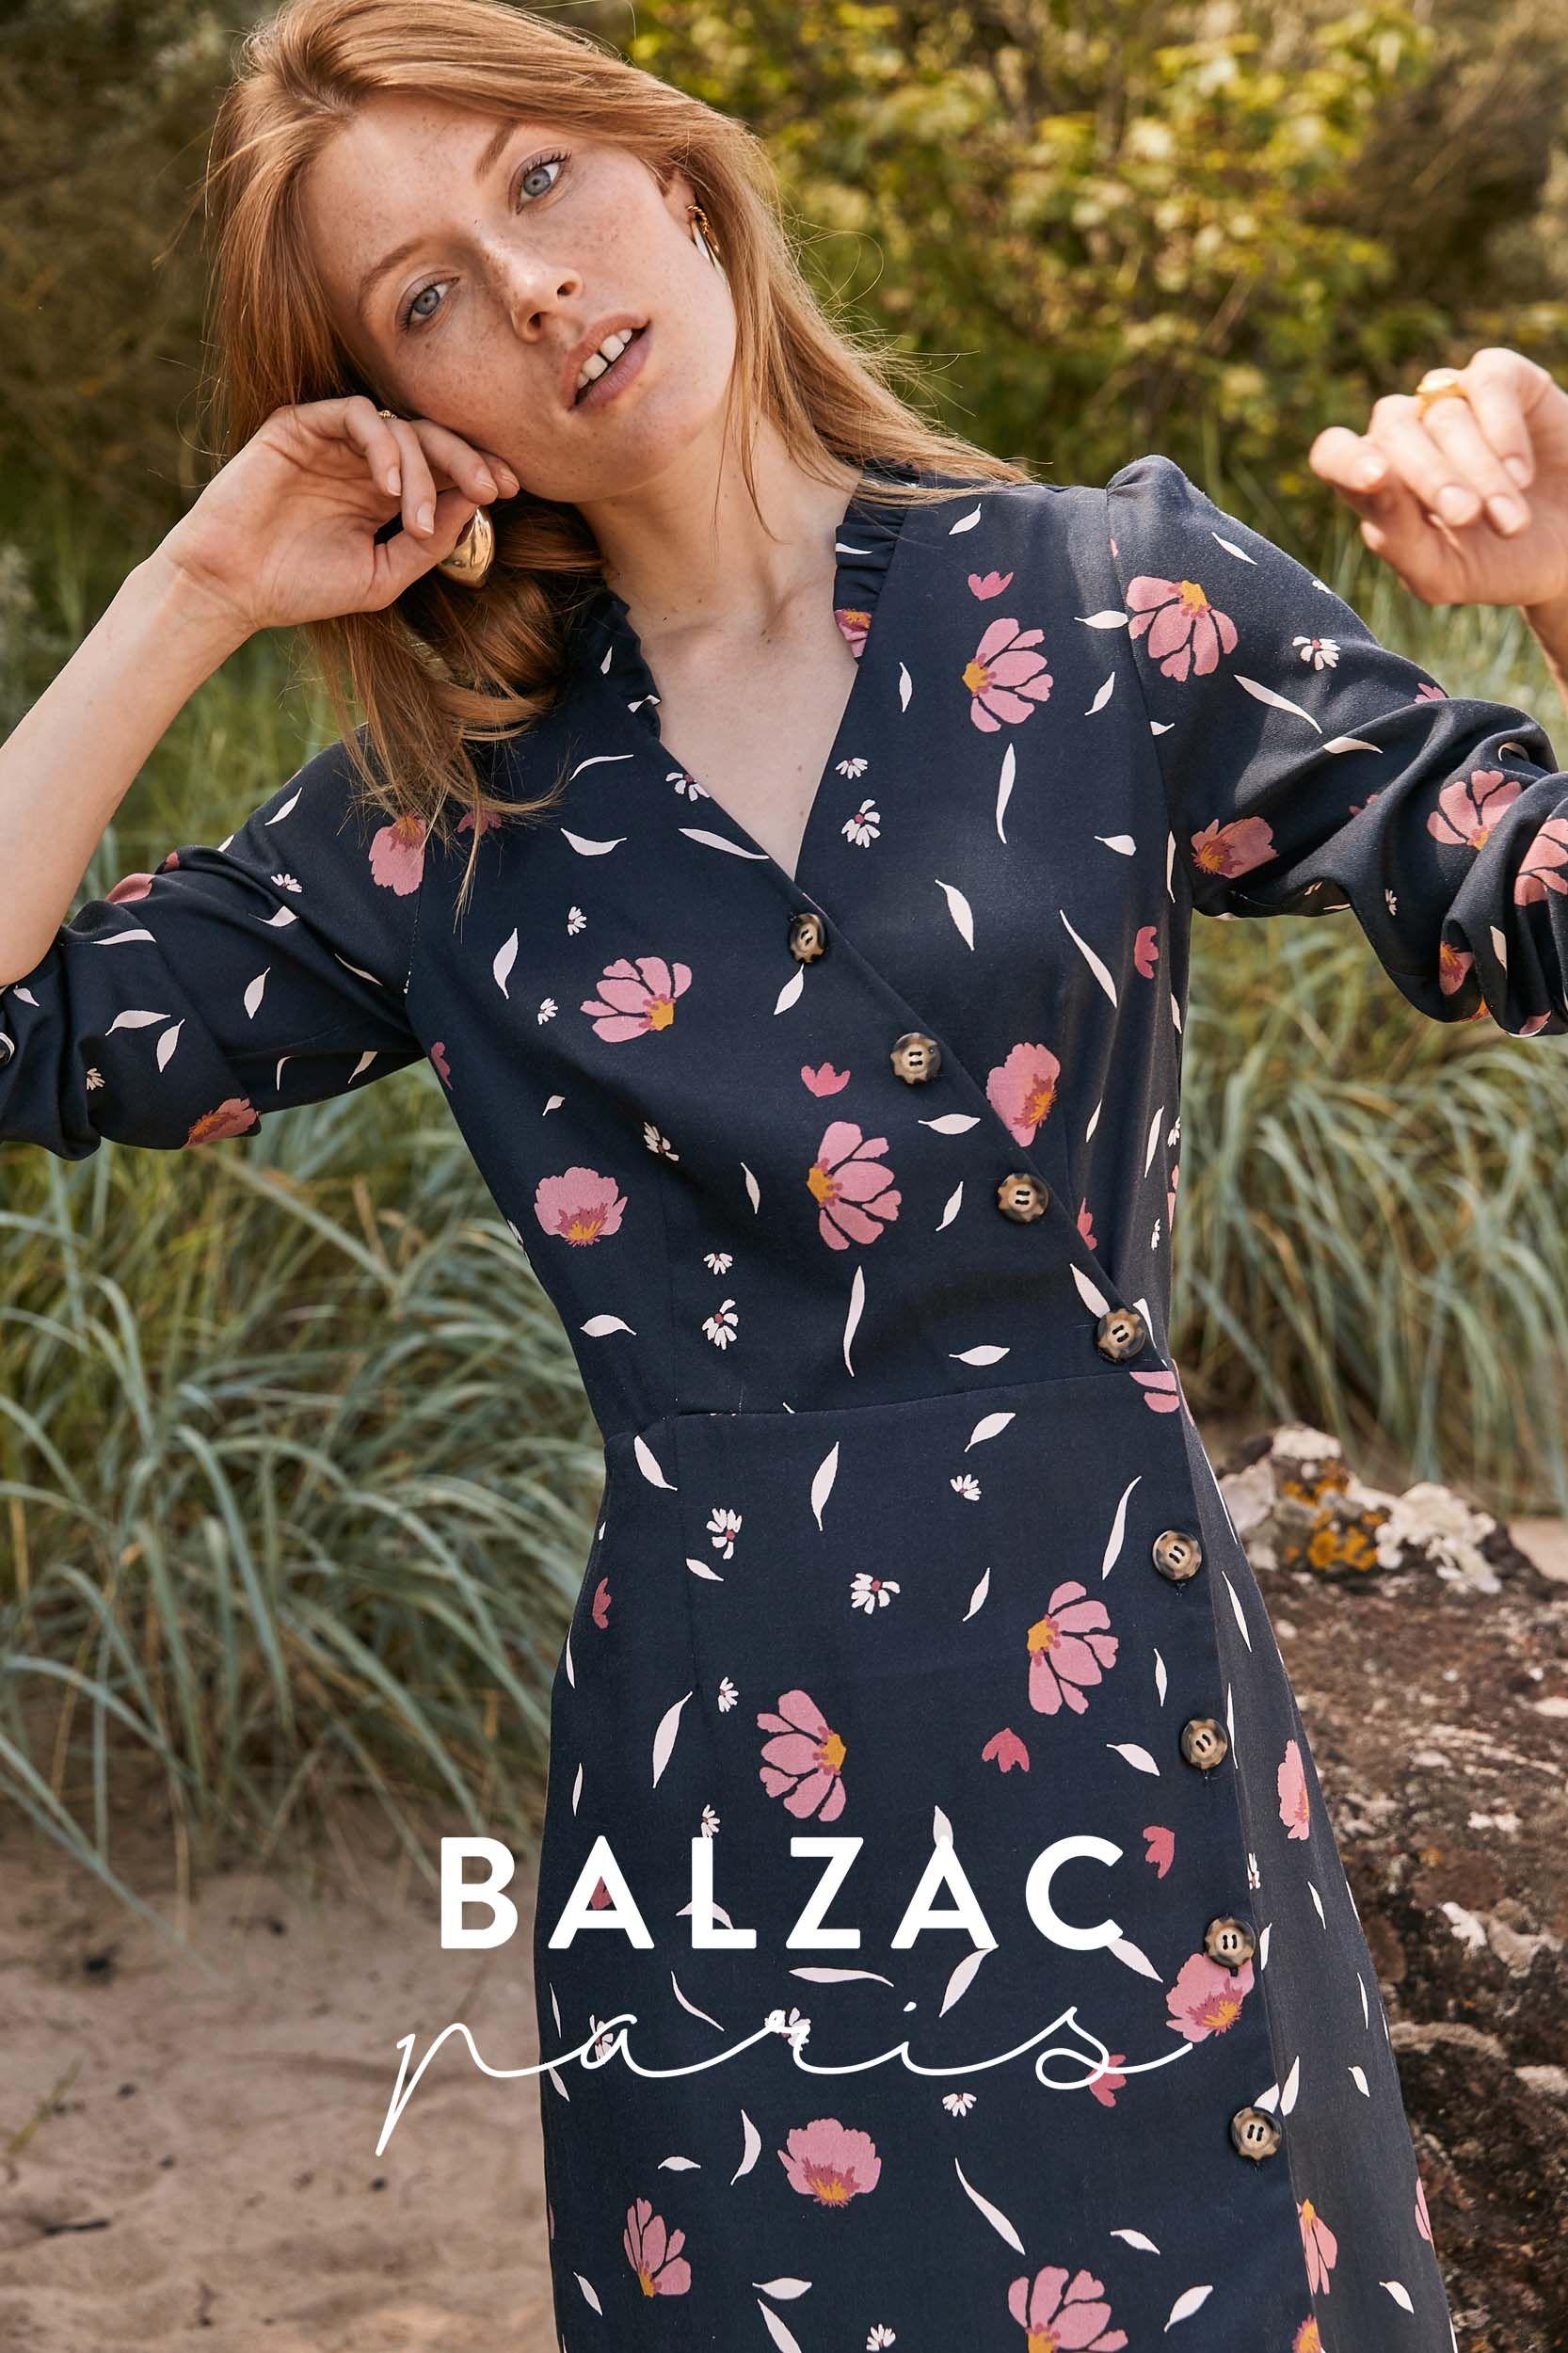 Épinglé sur Balzac Paris Collection « Inspire »